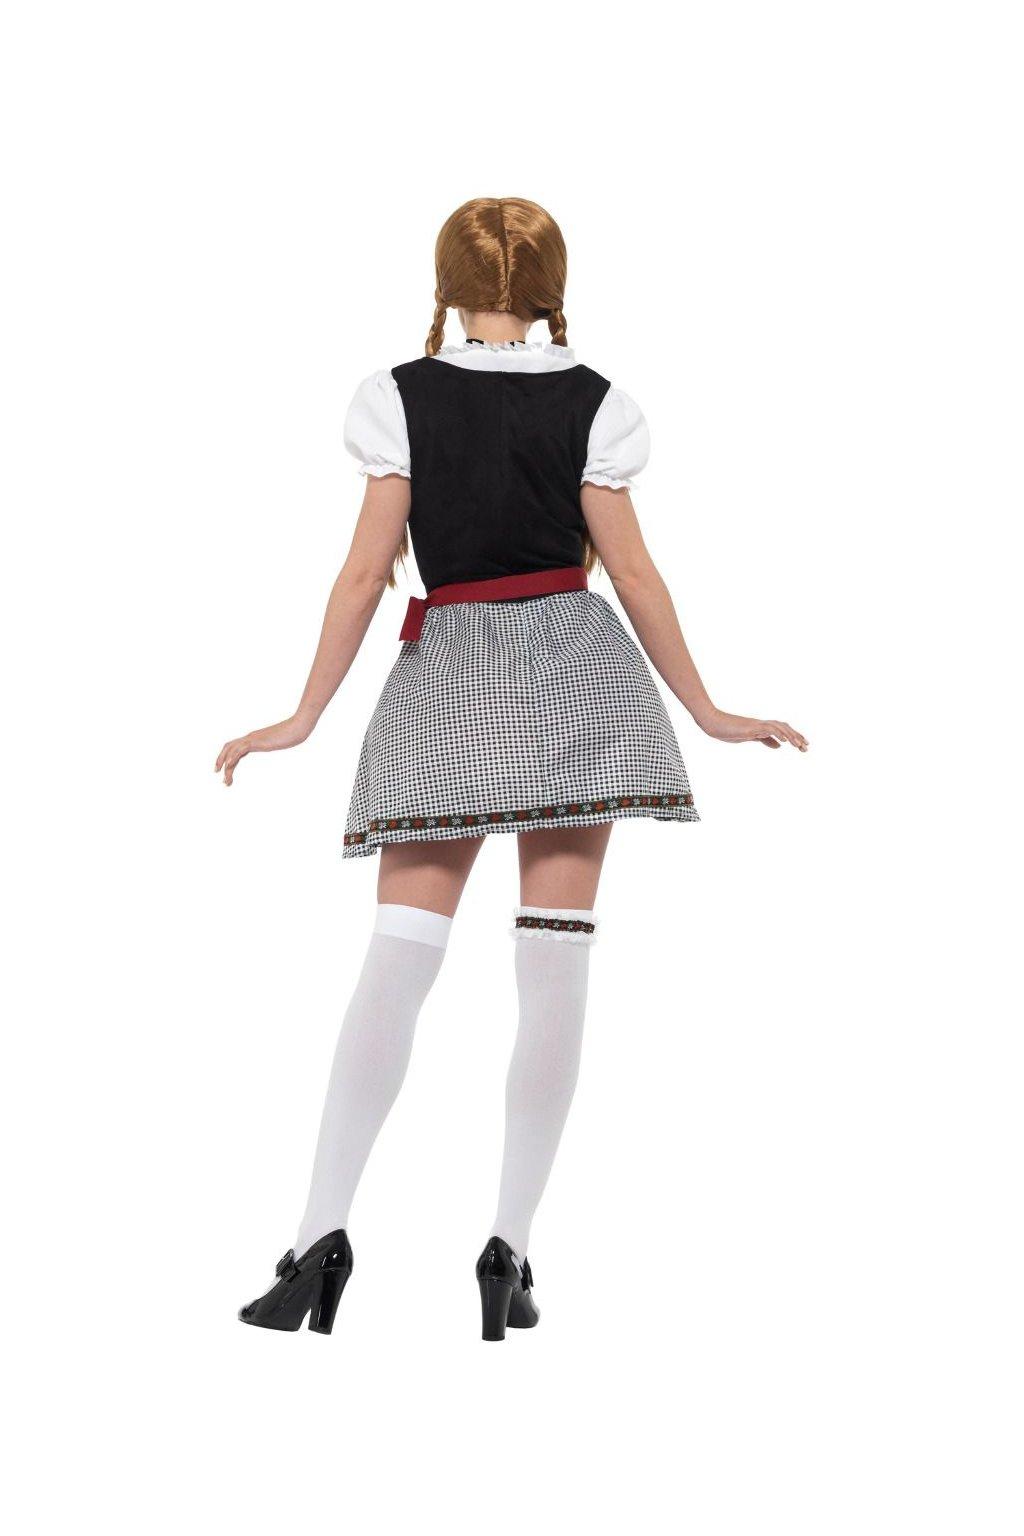 Dámský kostým bavorka - Oktoberfest